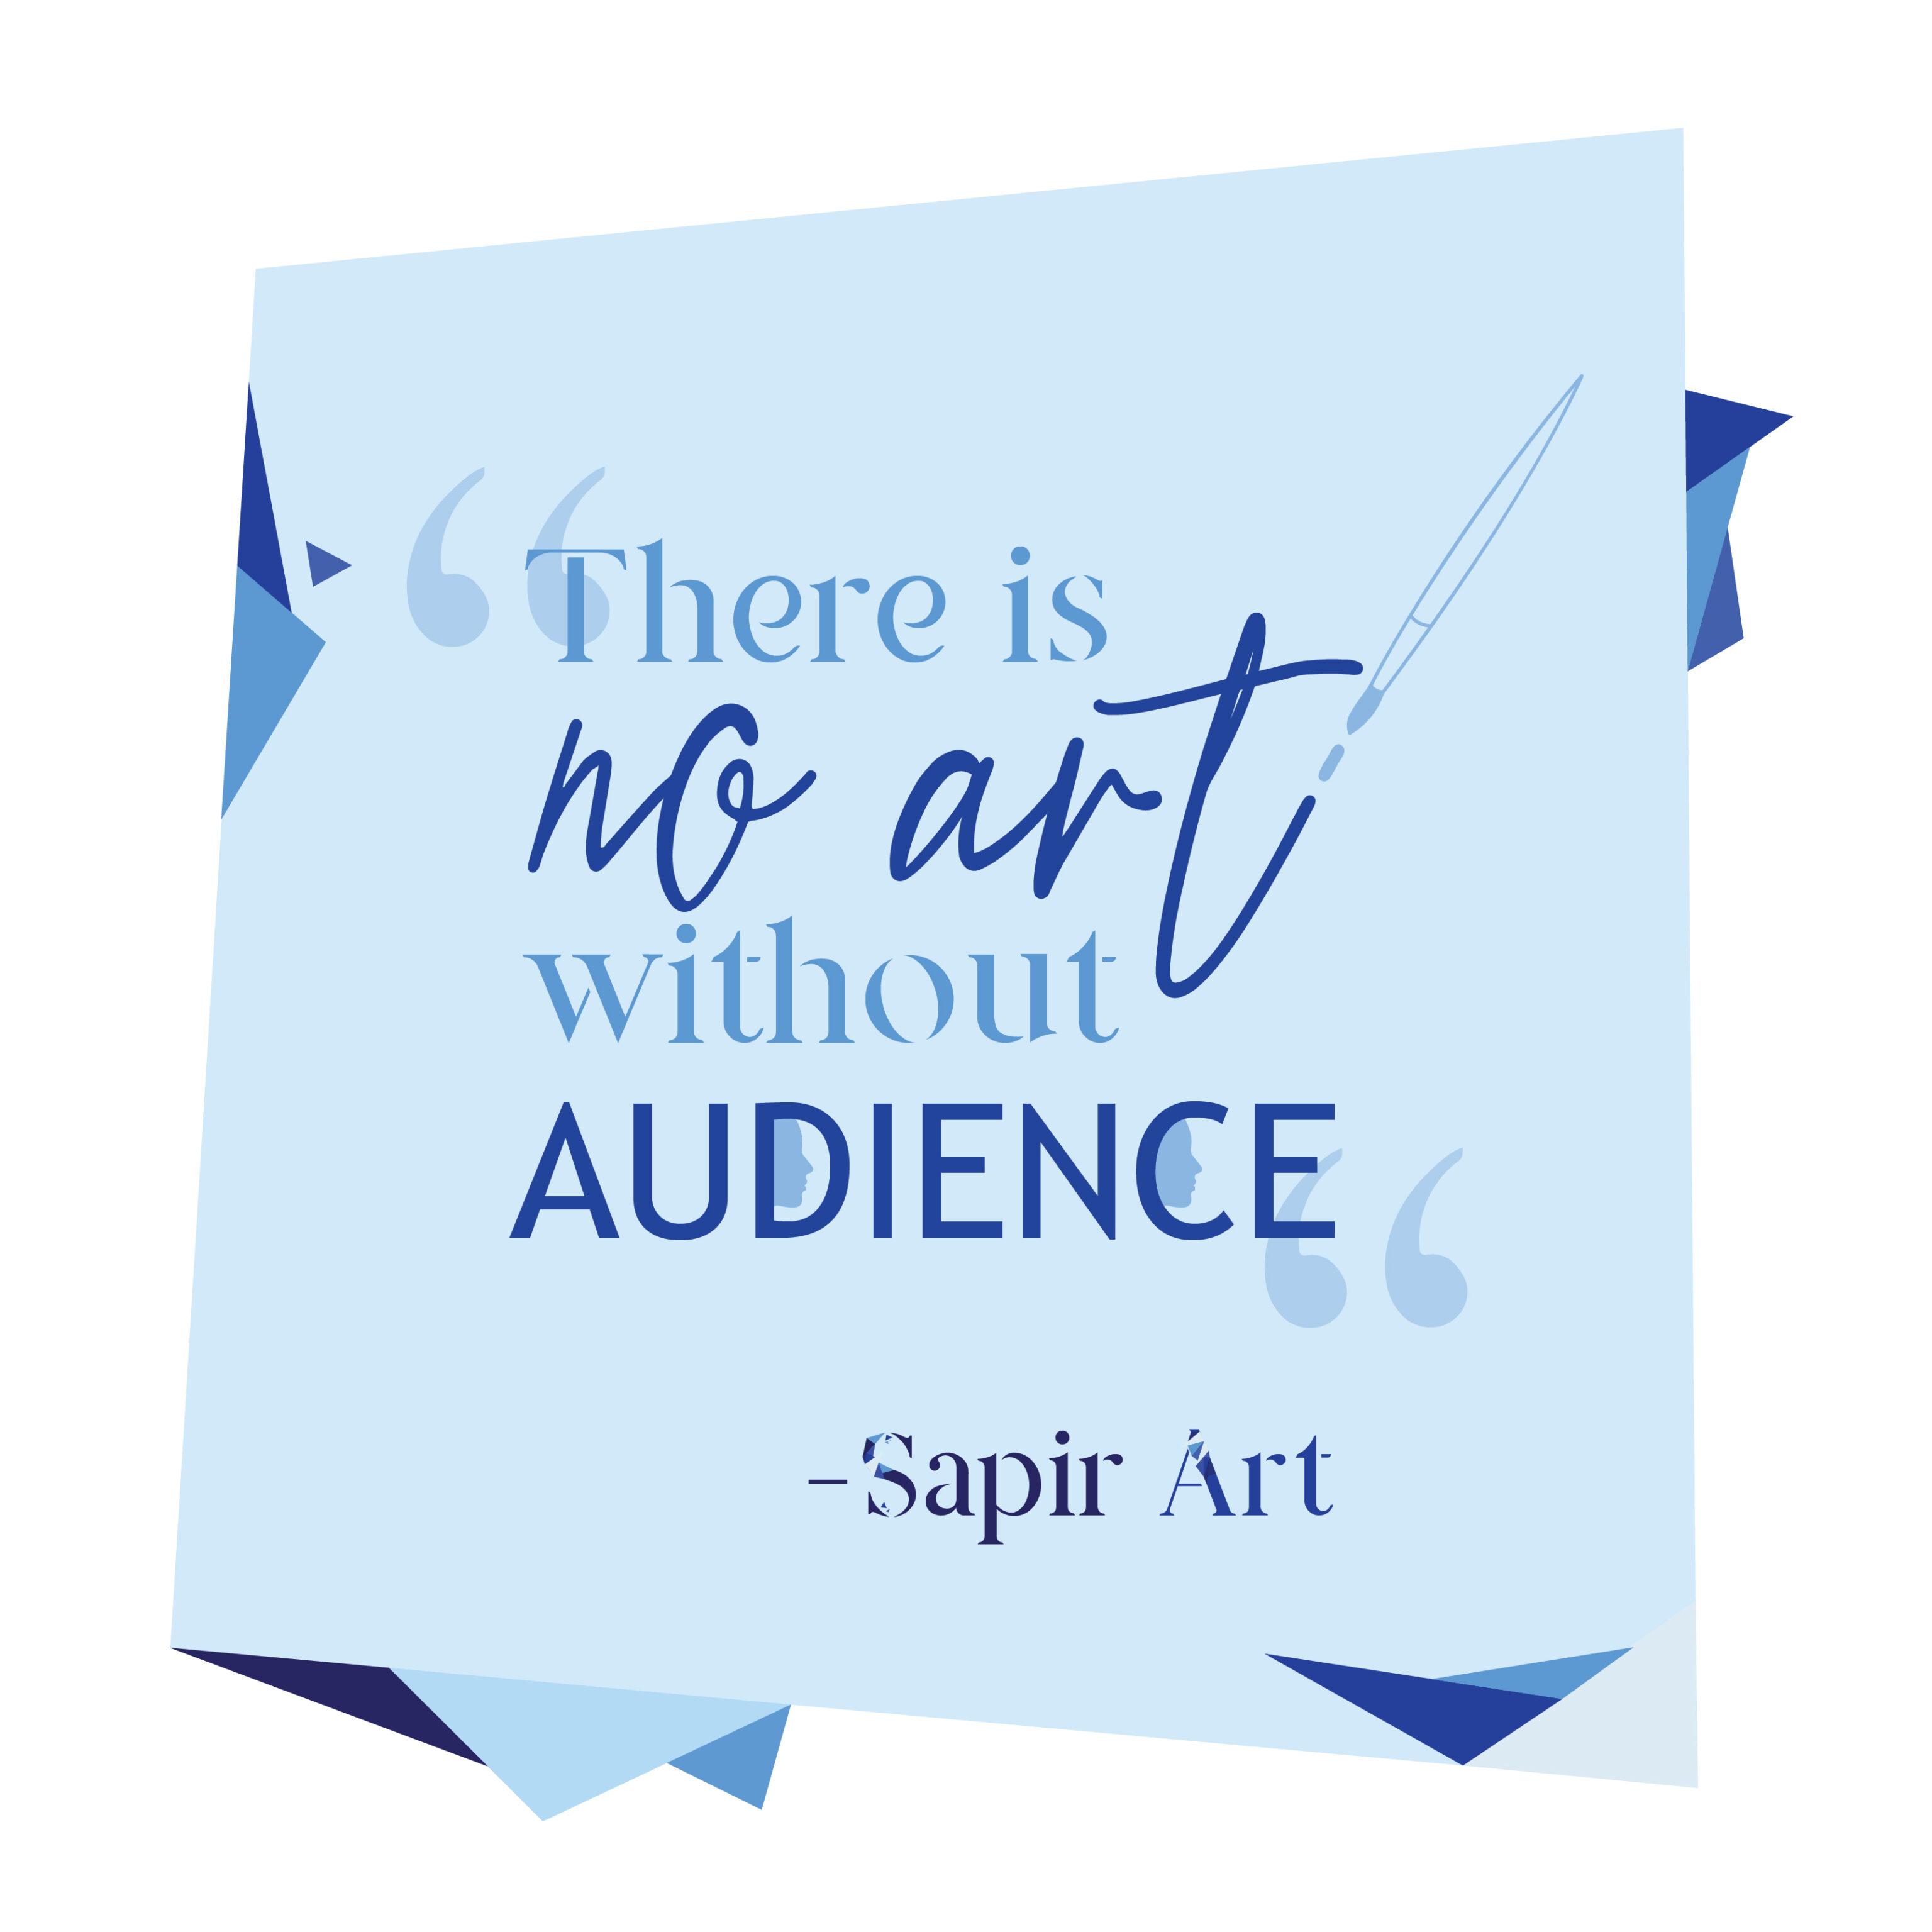 Sapir Art's inspiration quotes